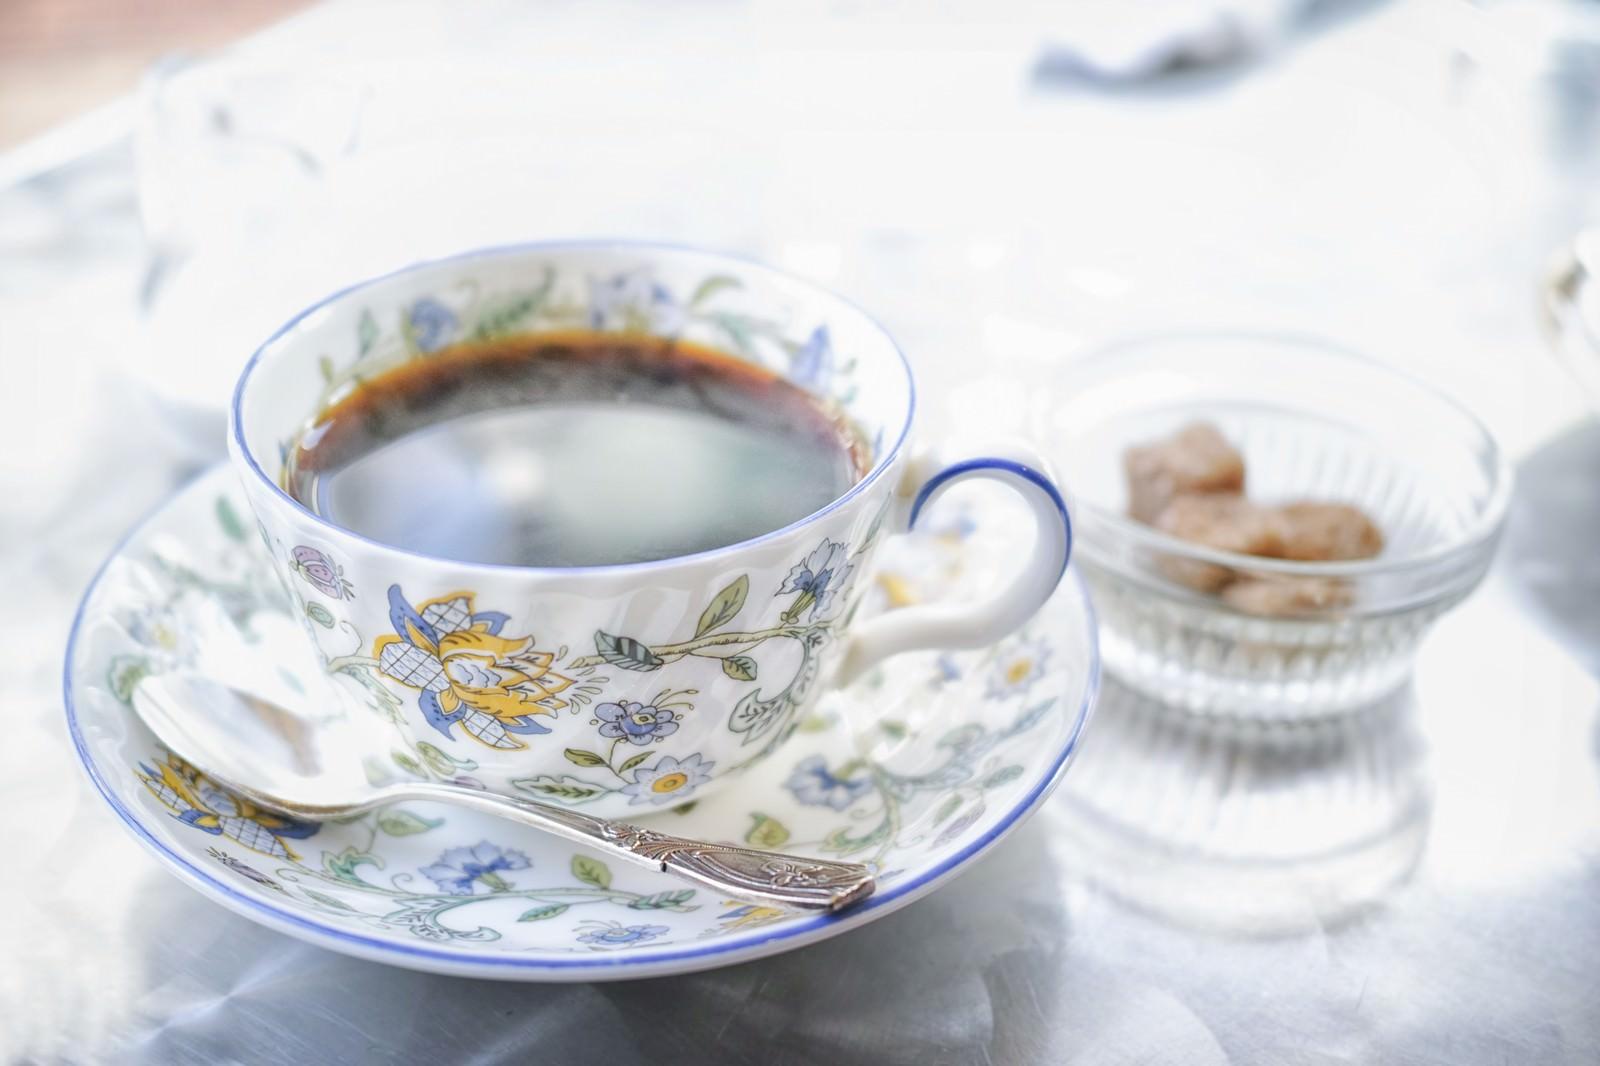 「ティーカップと黒砂糖」の写真